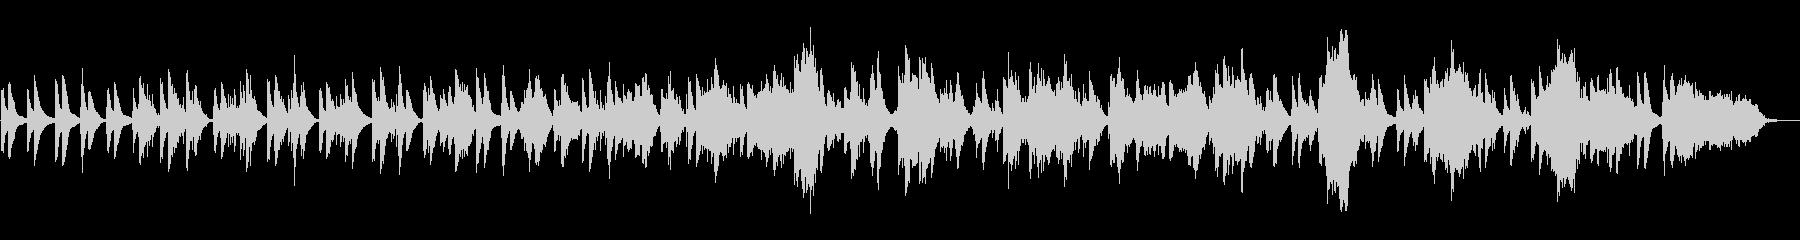 ヒーリング向けのピアノアンビエントの未再生の波形